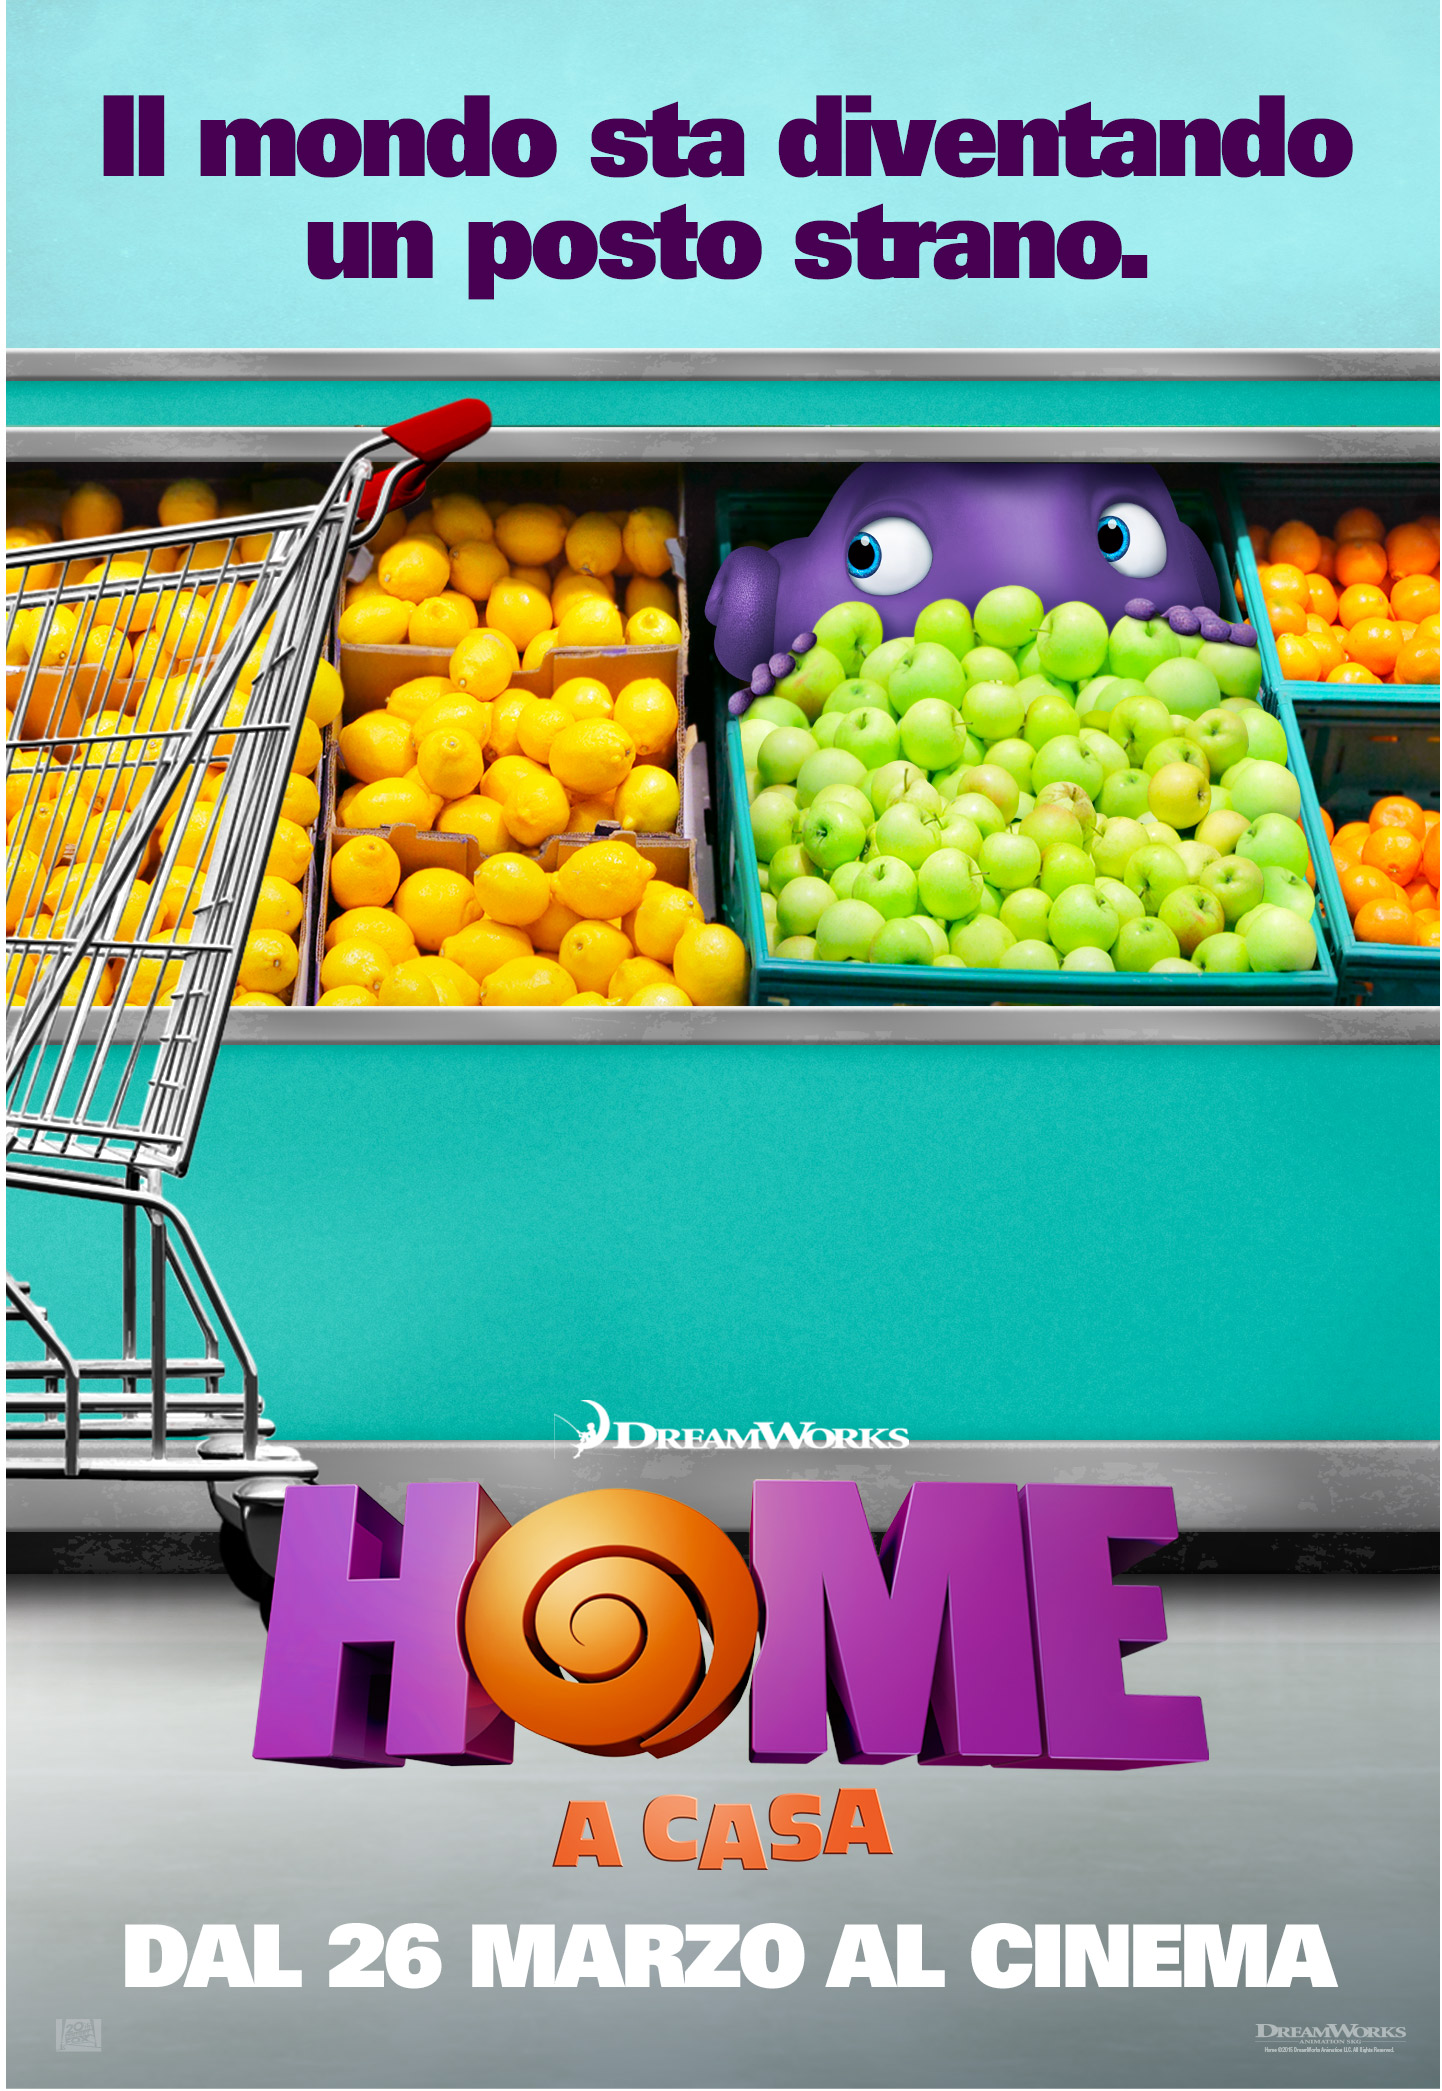 Home - A casa: l'extraterrestre Oh in un divertente poster italiano del film animato